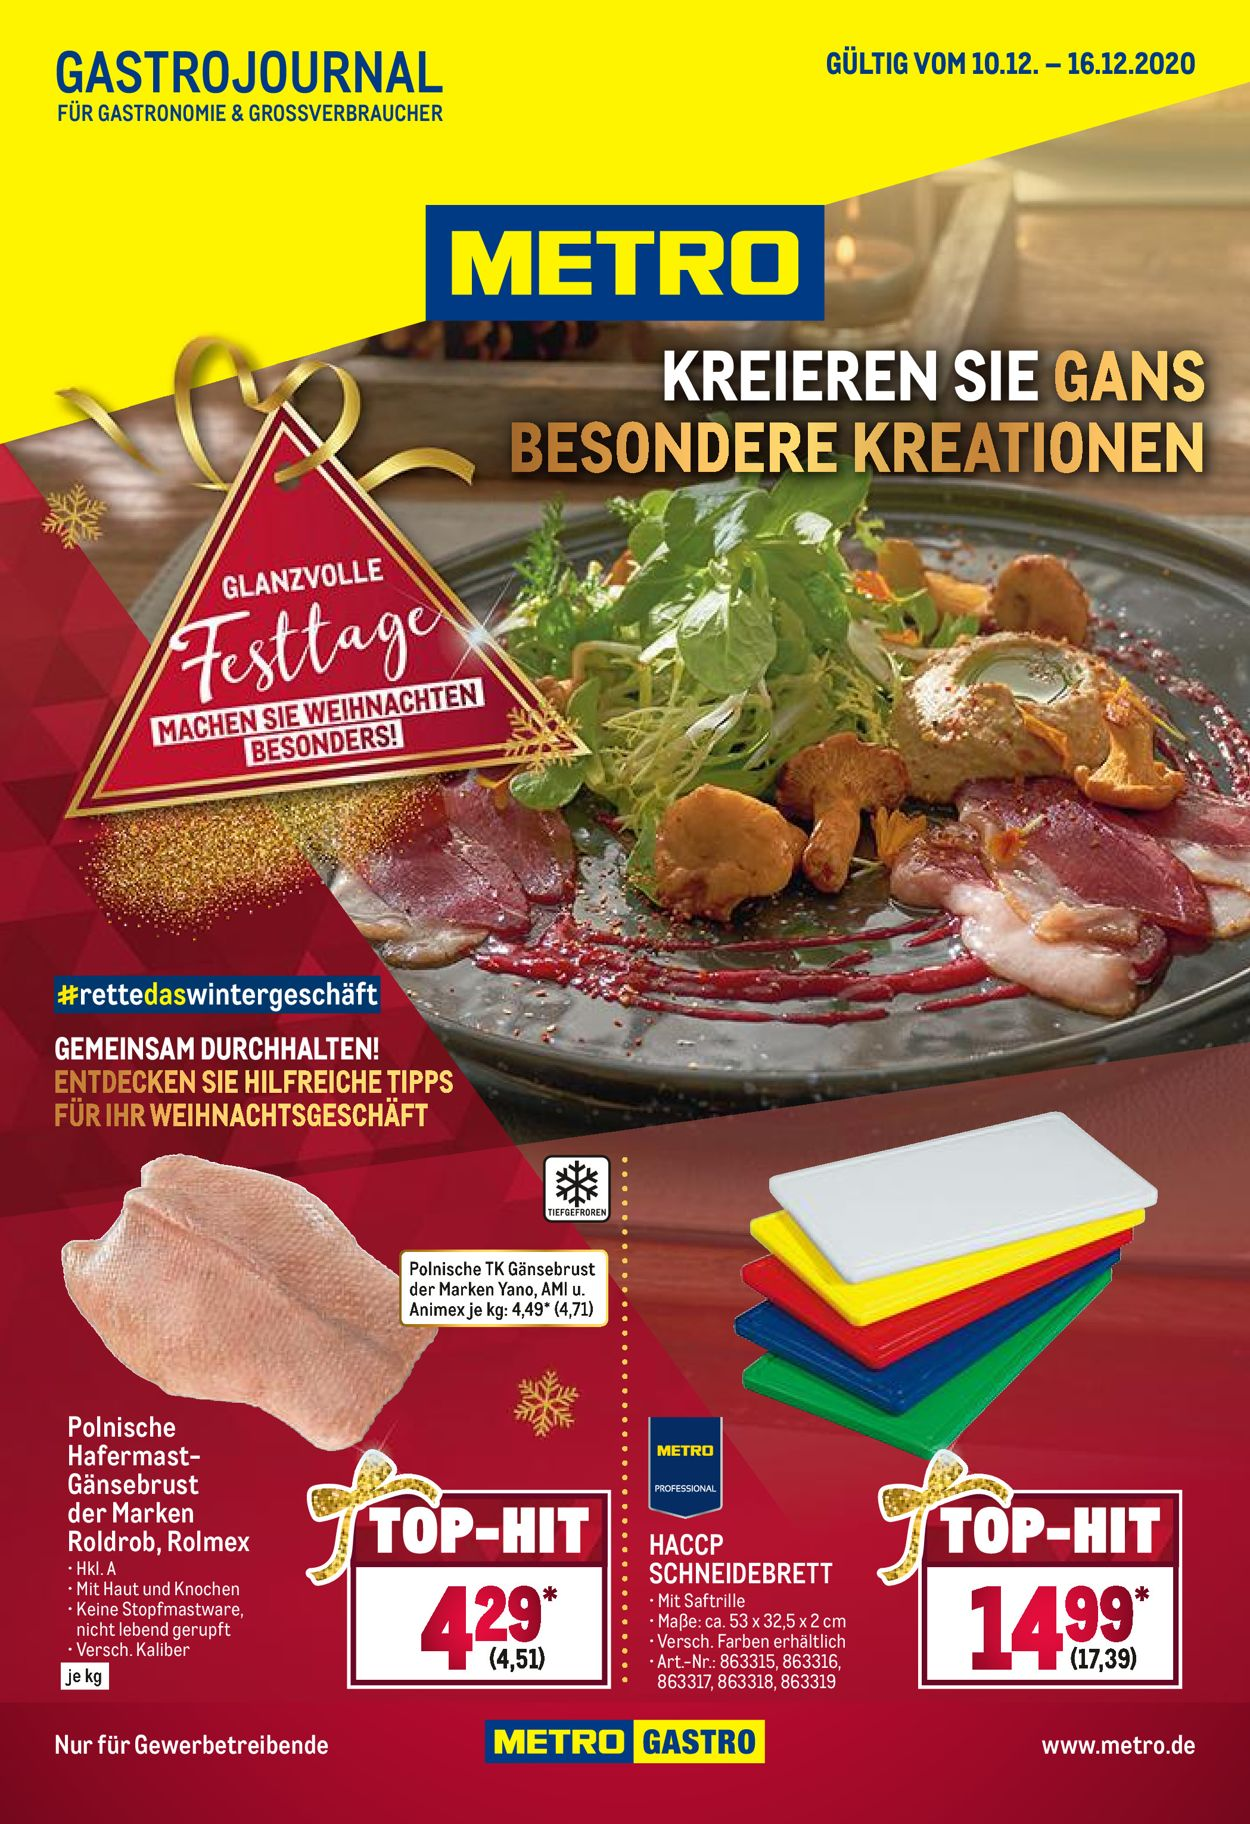 Metro Weihnachtsprospekt 2020 Prospekt - Aktuell vom 10.12-16.12.2020